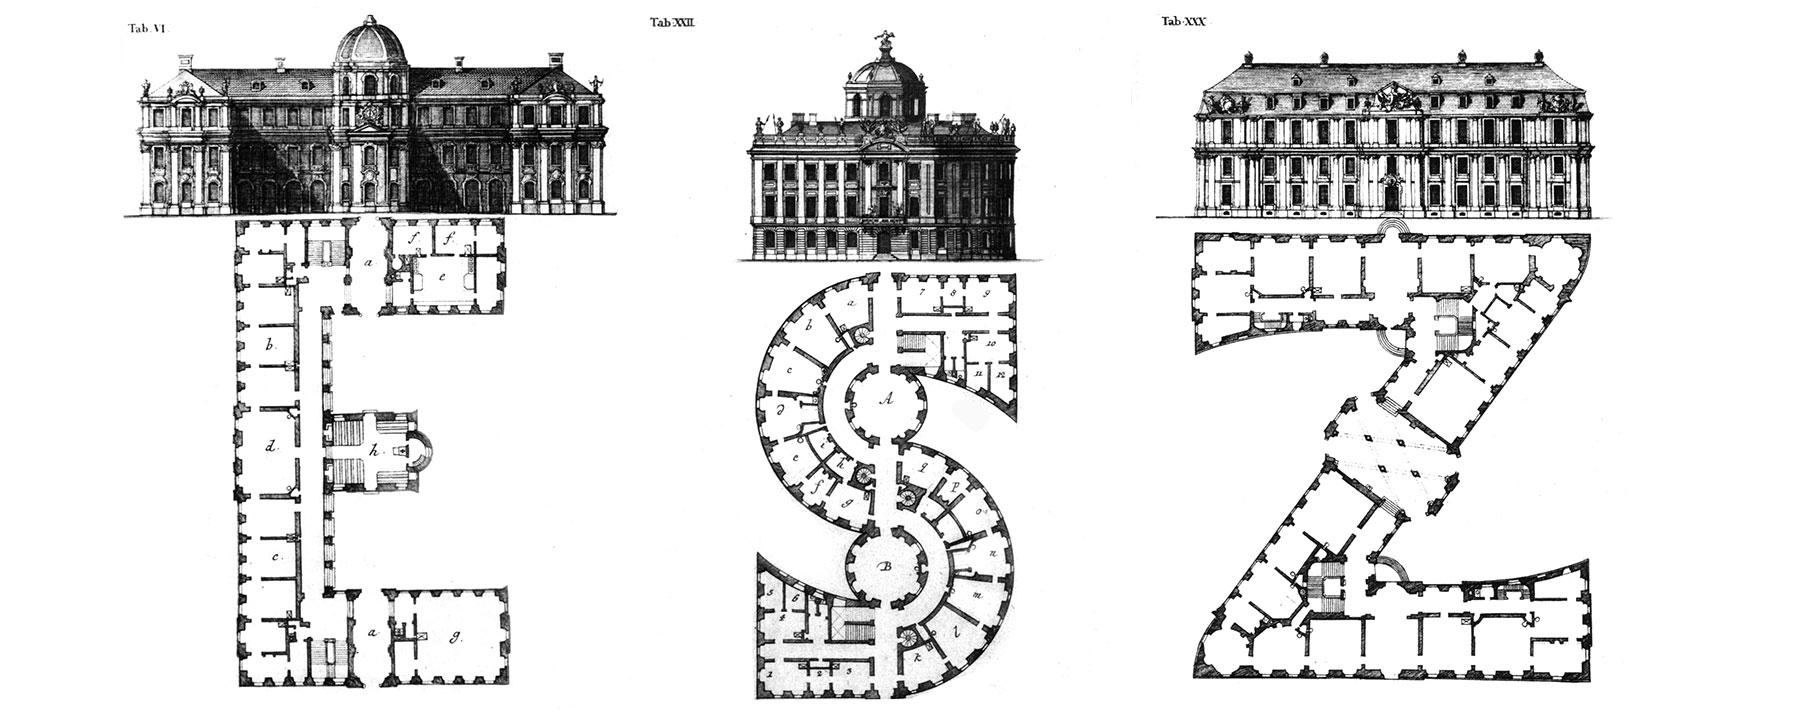 Architectural-alphabet-Johann-David-Steingruber-1773-03